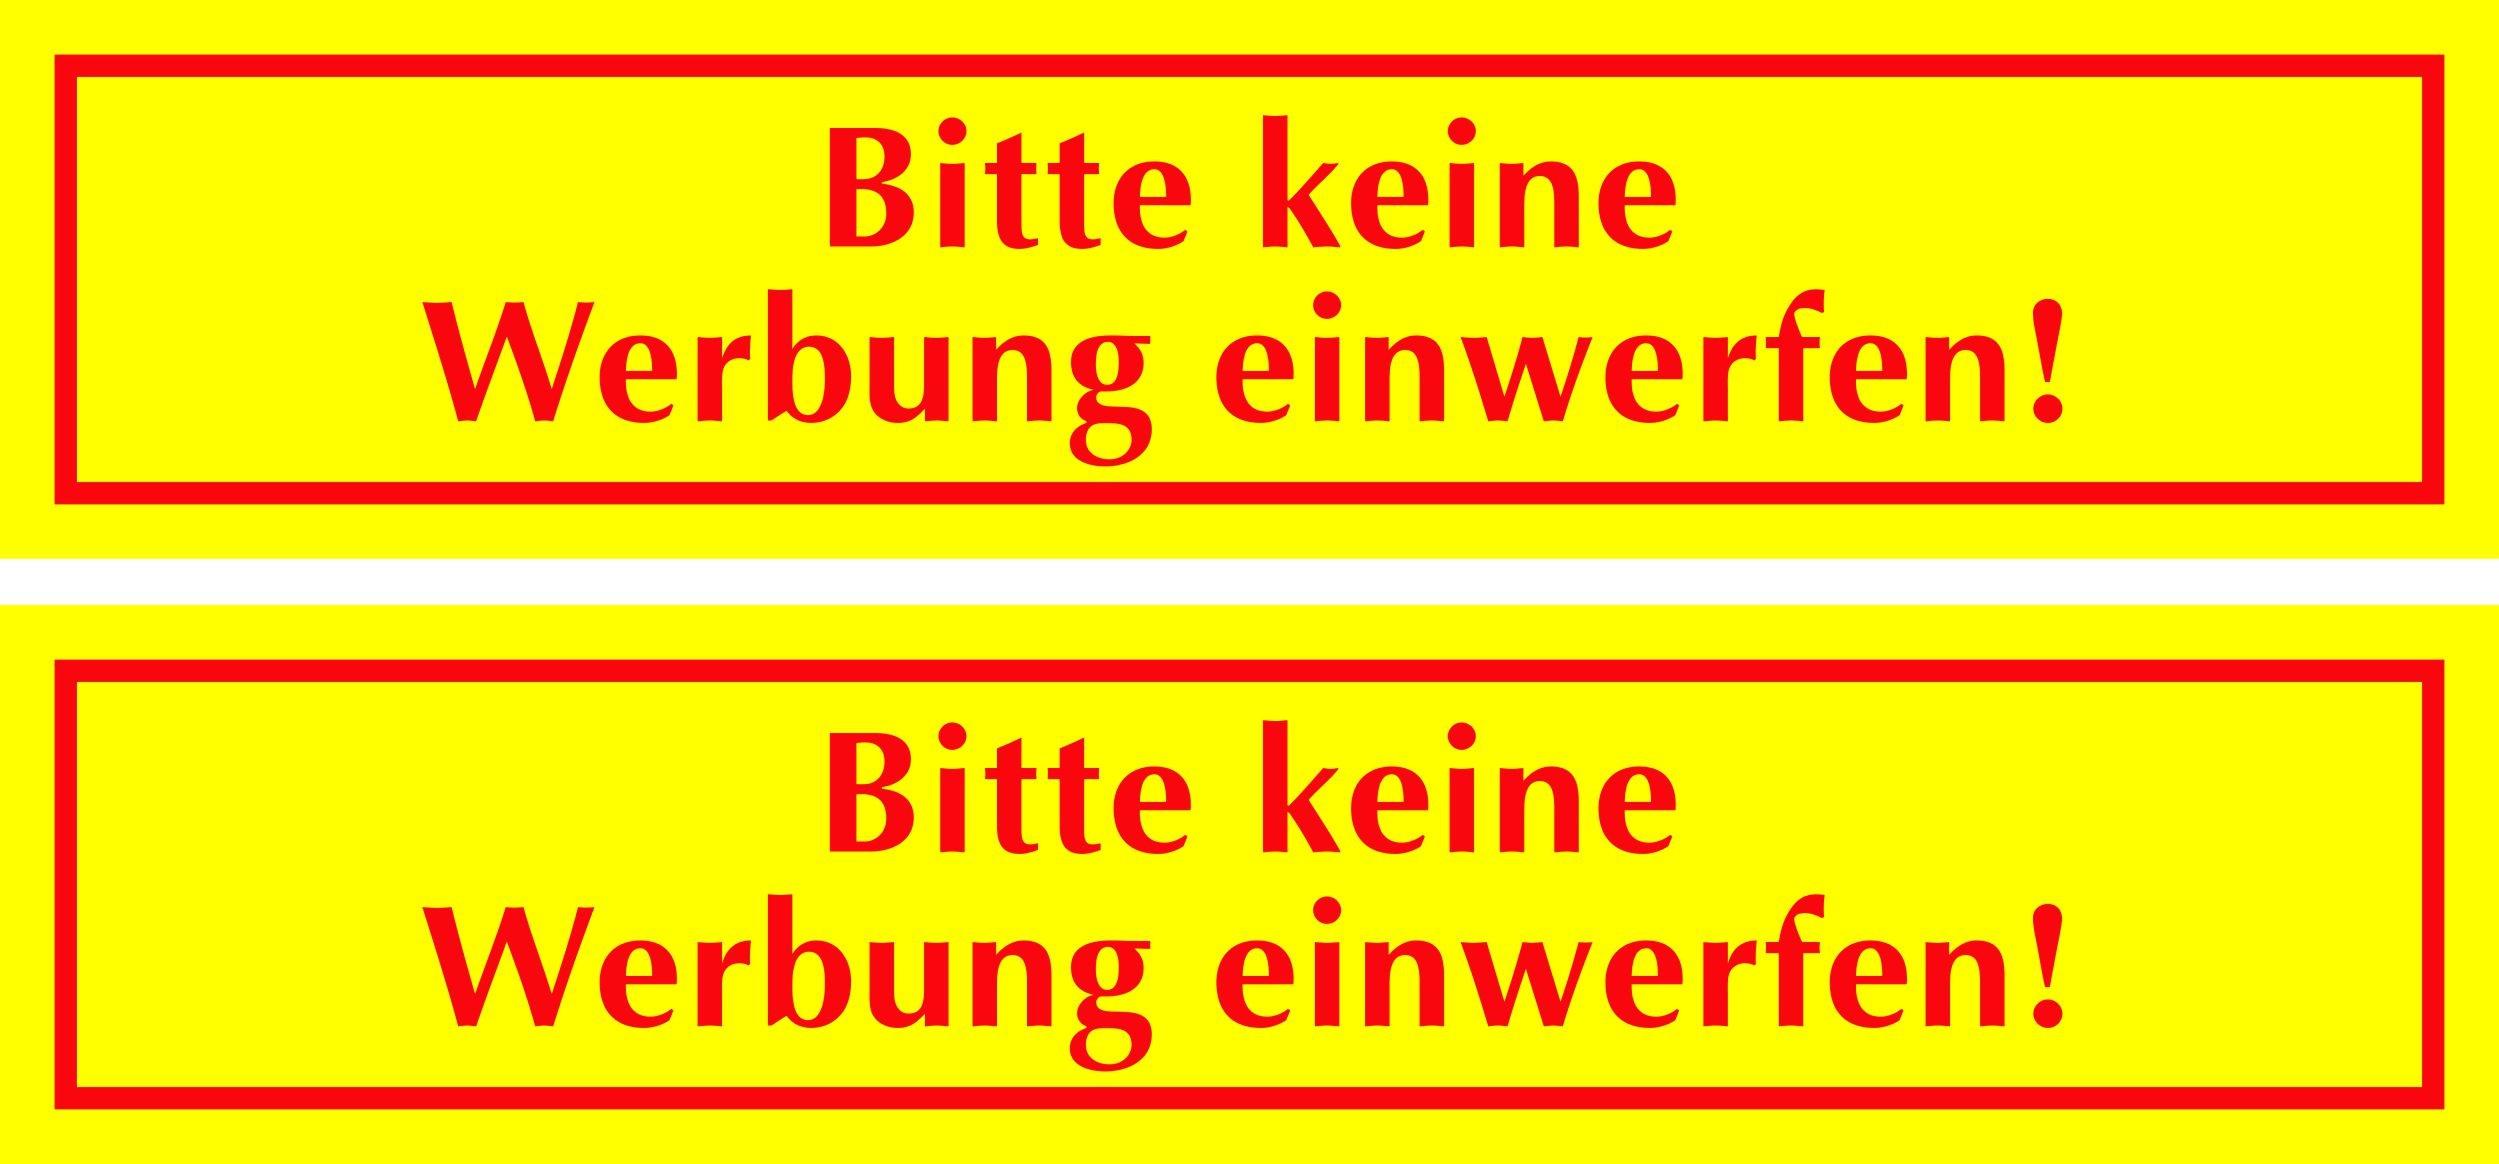 Autocollant Bitte keine Werbung einwerfen! jaune set de 2 001